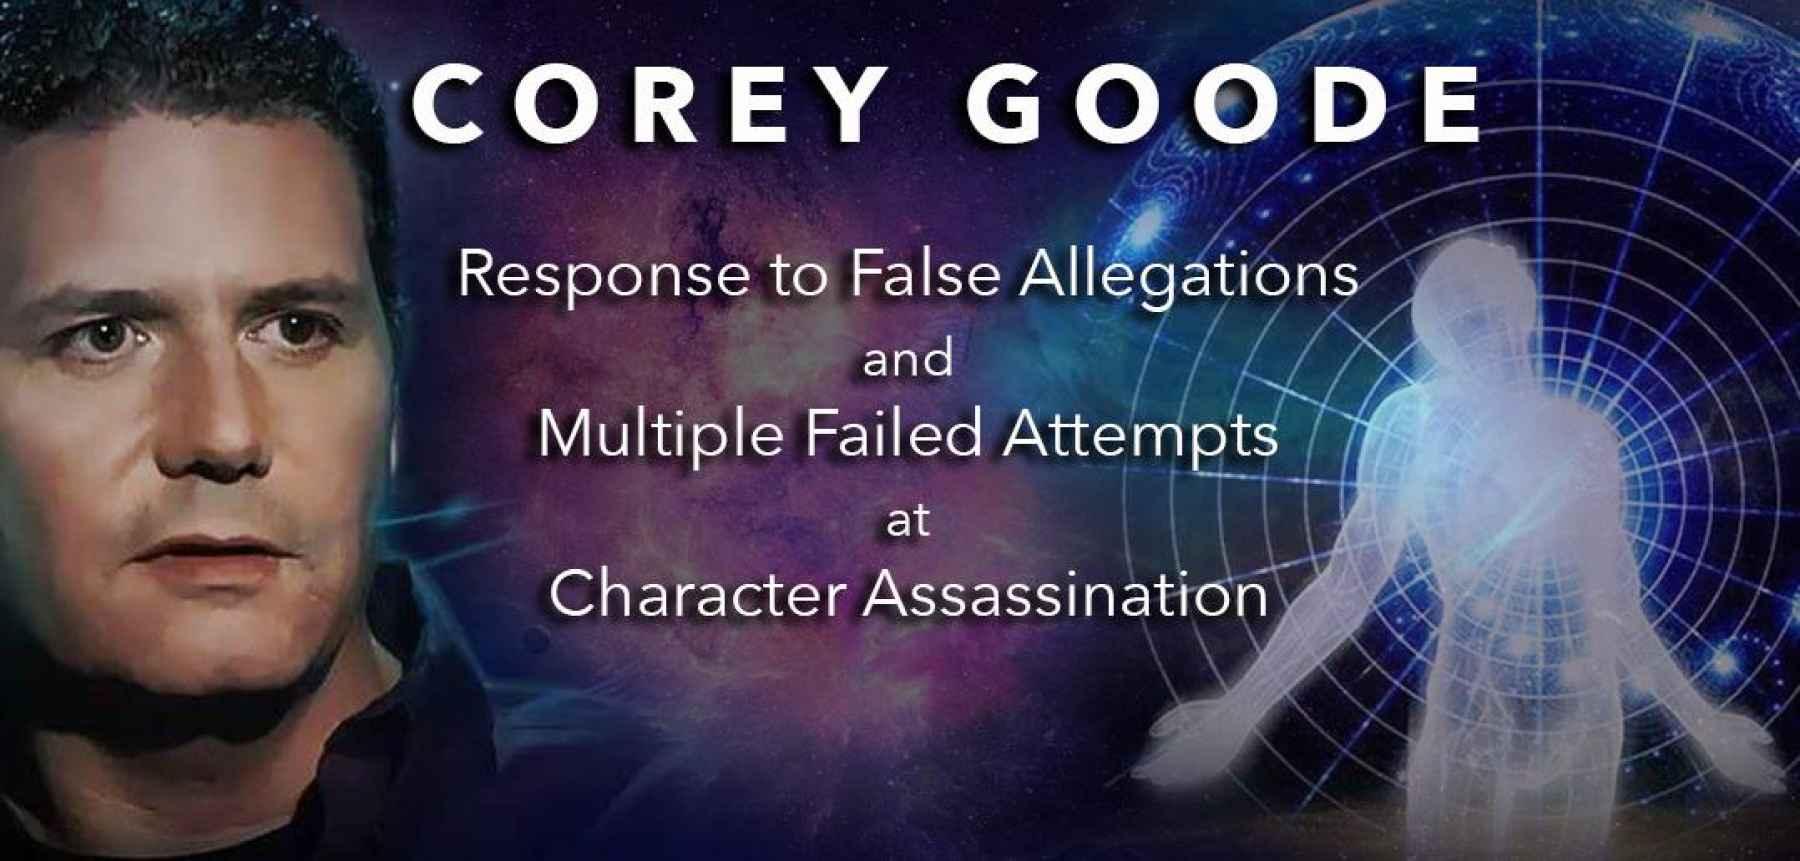 Déclaration publique de Corey Goode : «RÉPONSE AUX FAUSSES ALLÉGATIONS ET AUX MULTIPLES TENTATIVES INFRUCTUEUSES D'ASSASSINAT DE PERSONNES»